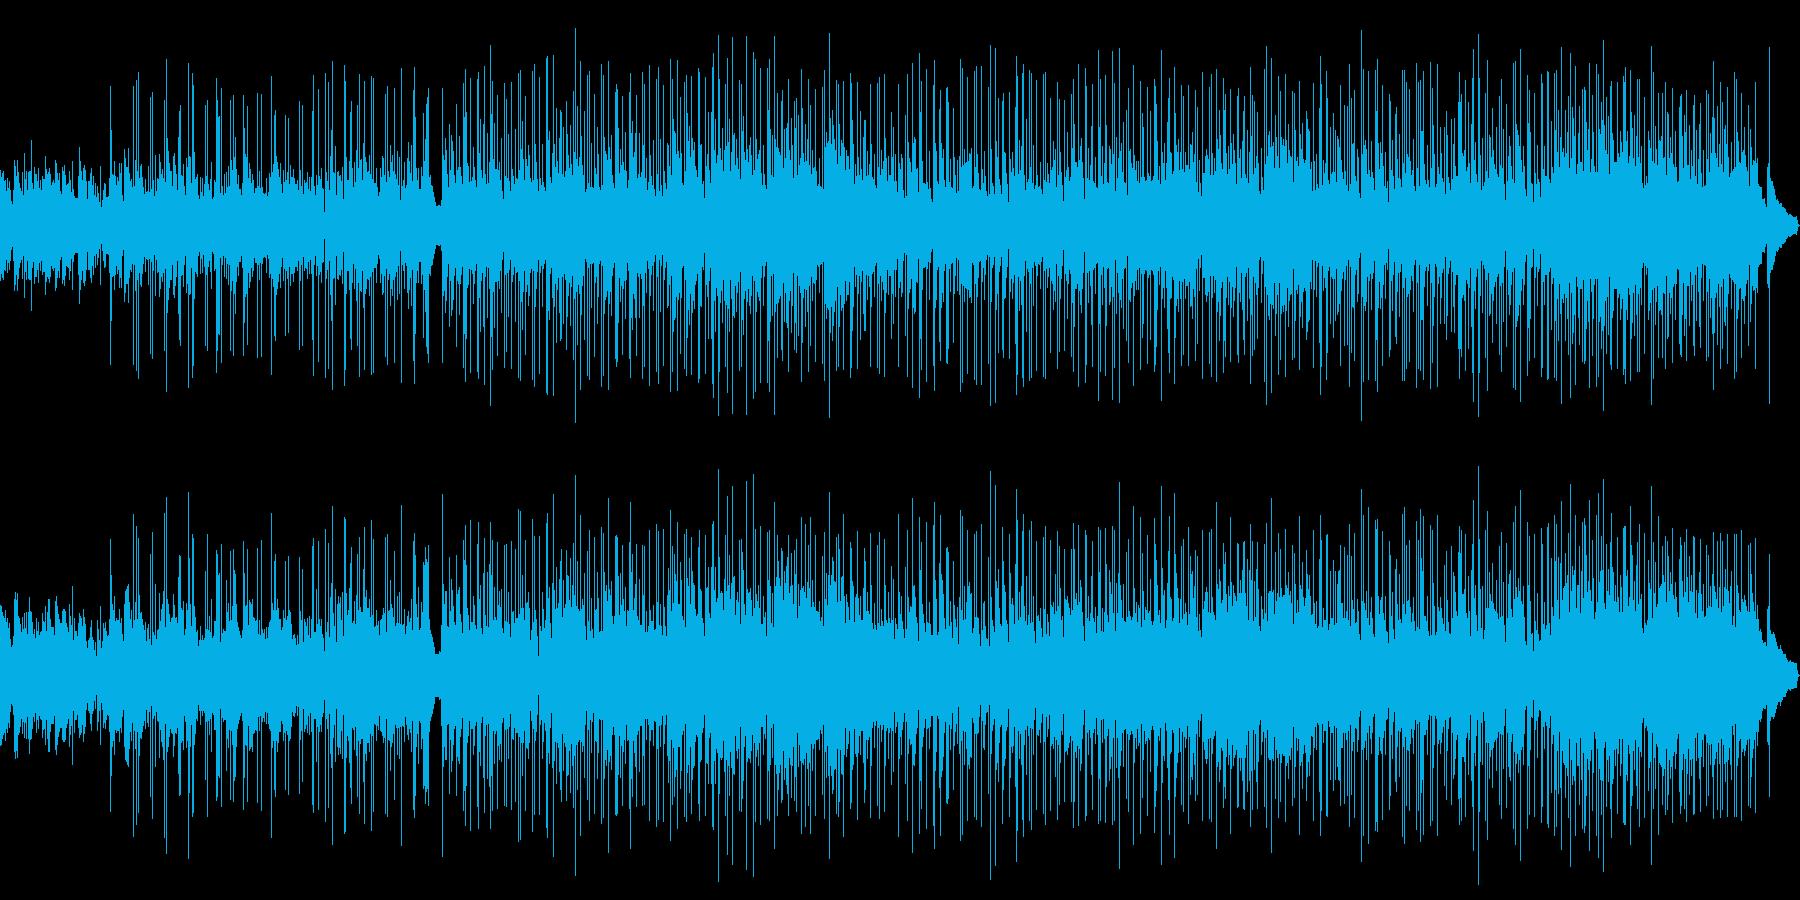 和やかで落ち着くメロディーの再生済みの波形